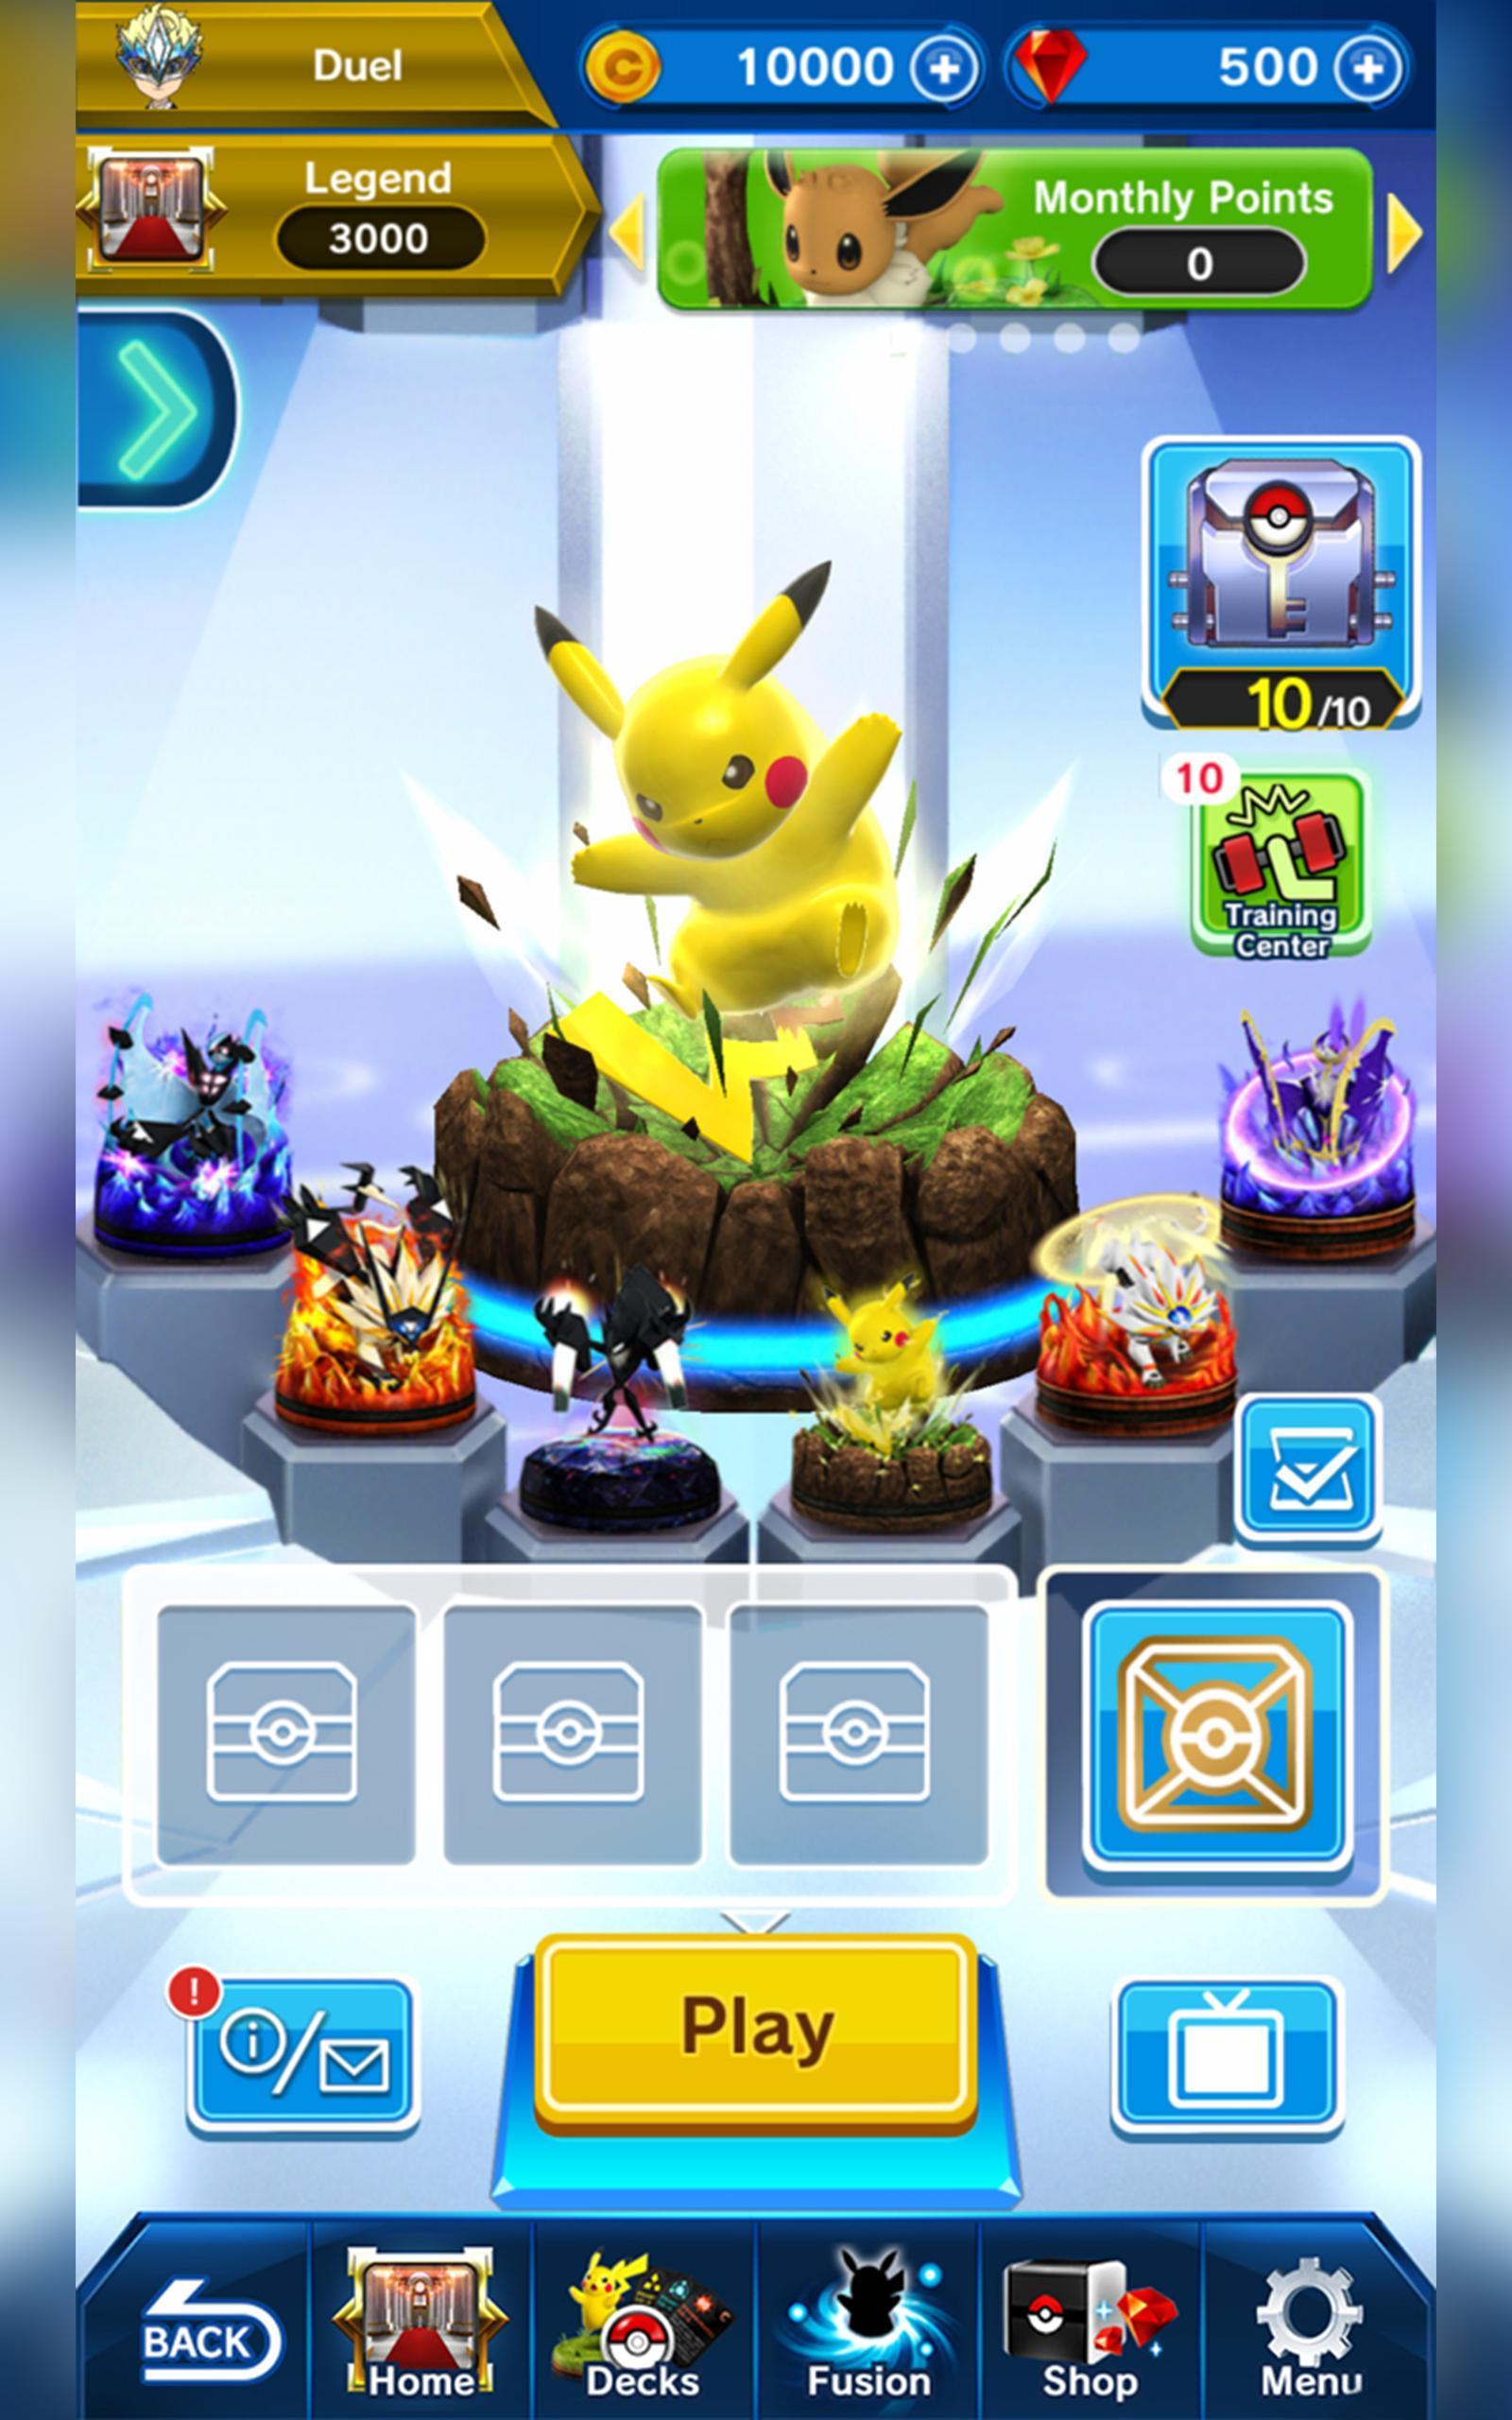 Pokémon Duel 7.0.15 Screenshot 10